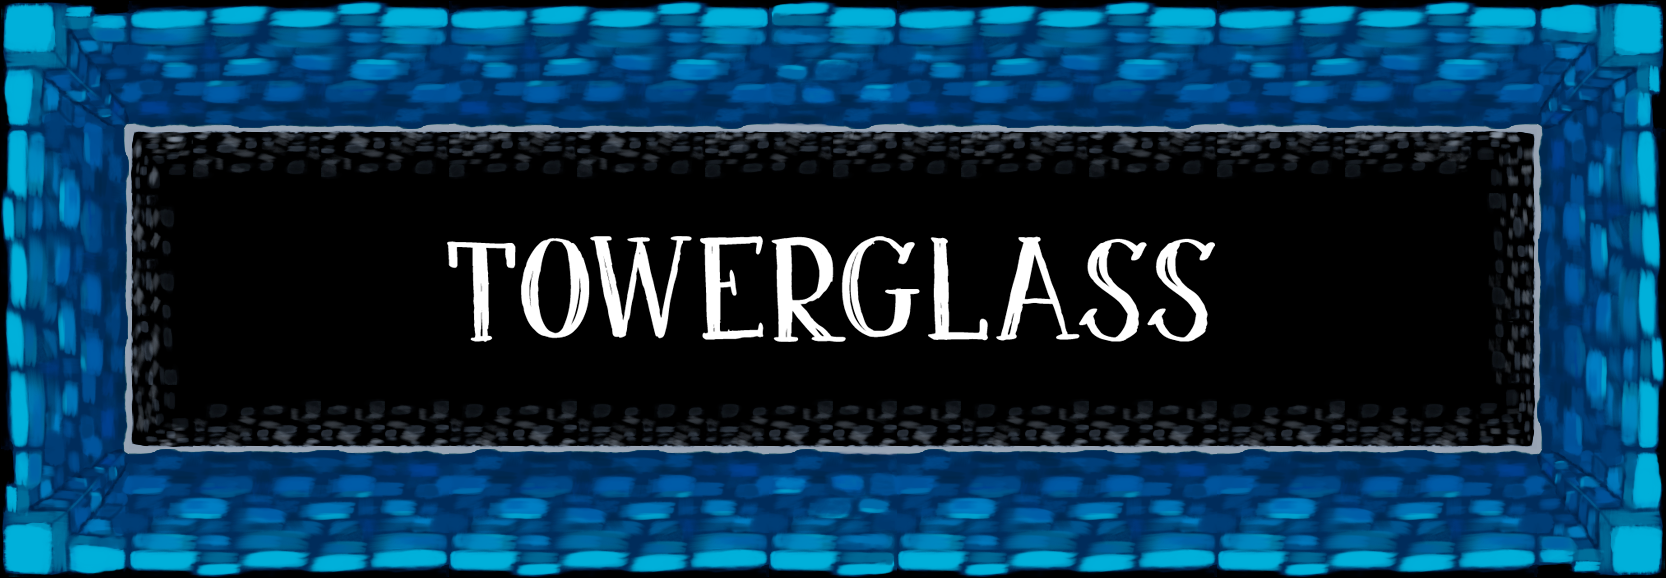 TOWERGLASS